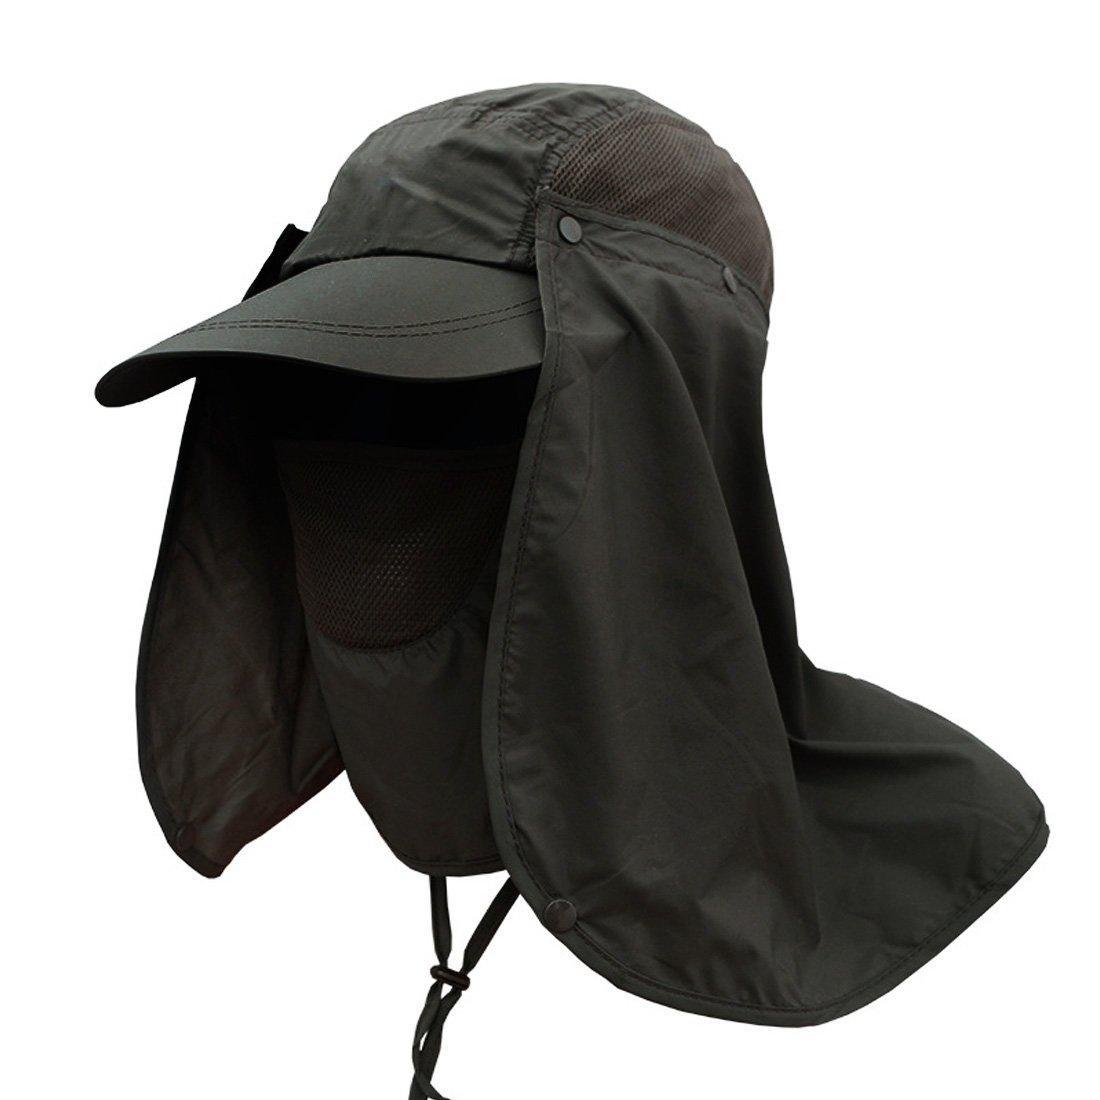 Andux Multifunzionale Anti-UV ad Asciugatura Rapida Cappello di Protezione del Cappello di Sun di Pesca con Rimovibile Sun Shield e Maschera F-DYM-01 (Cachi)